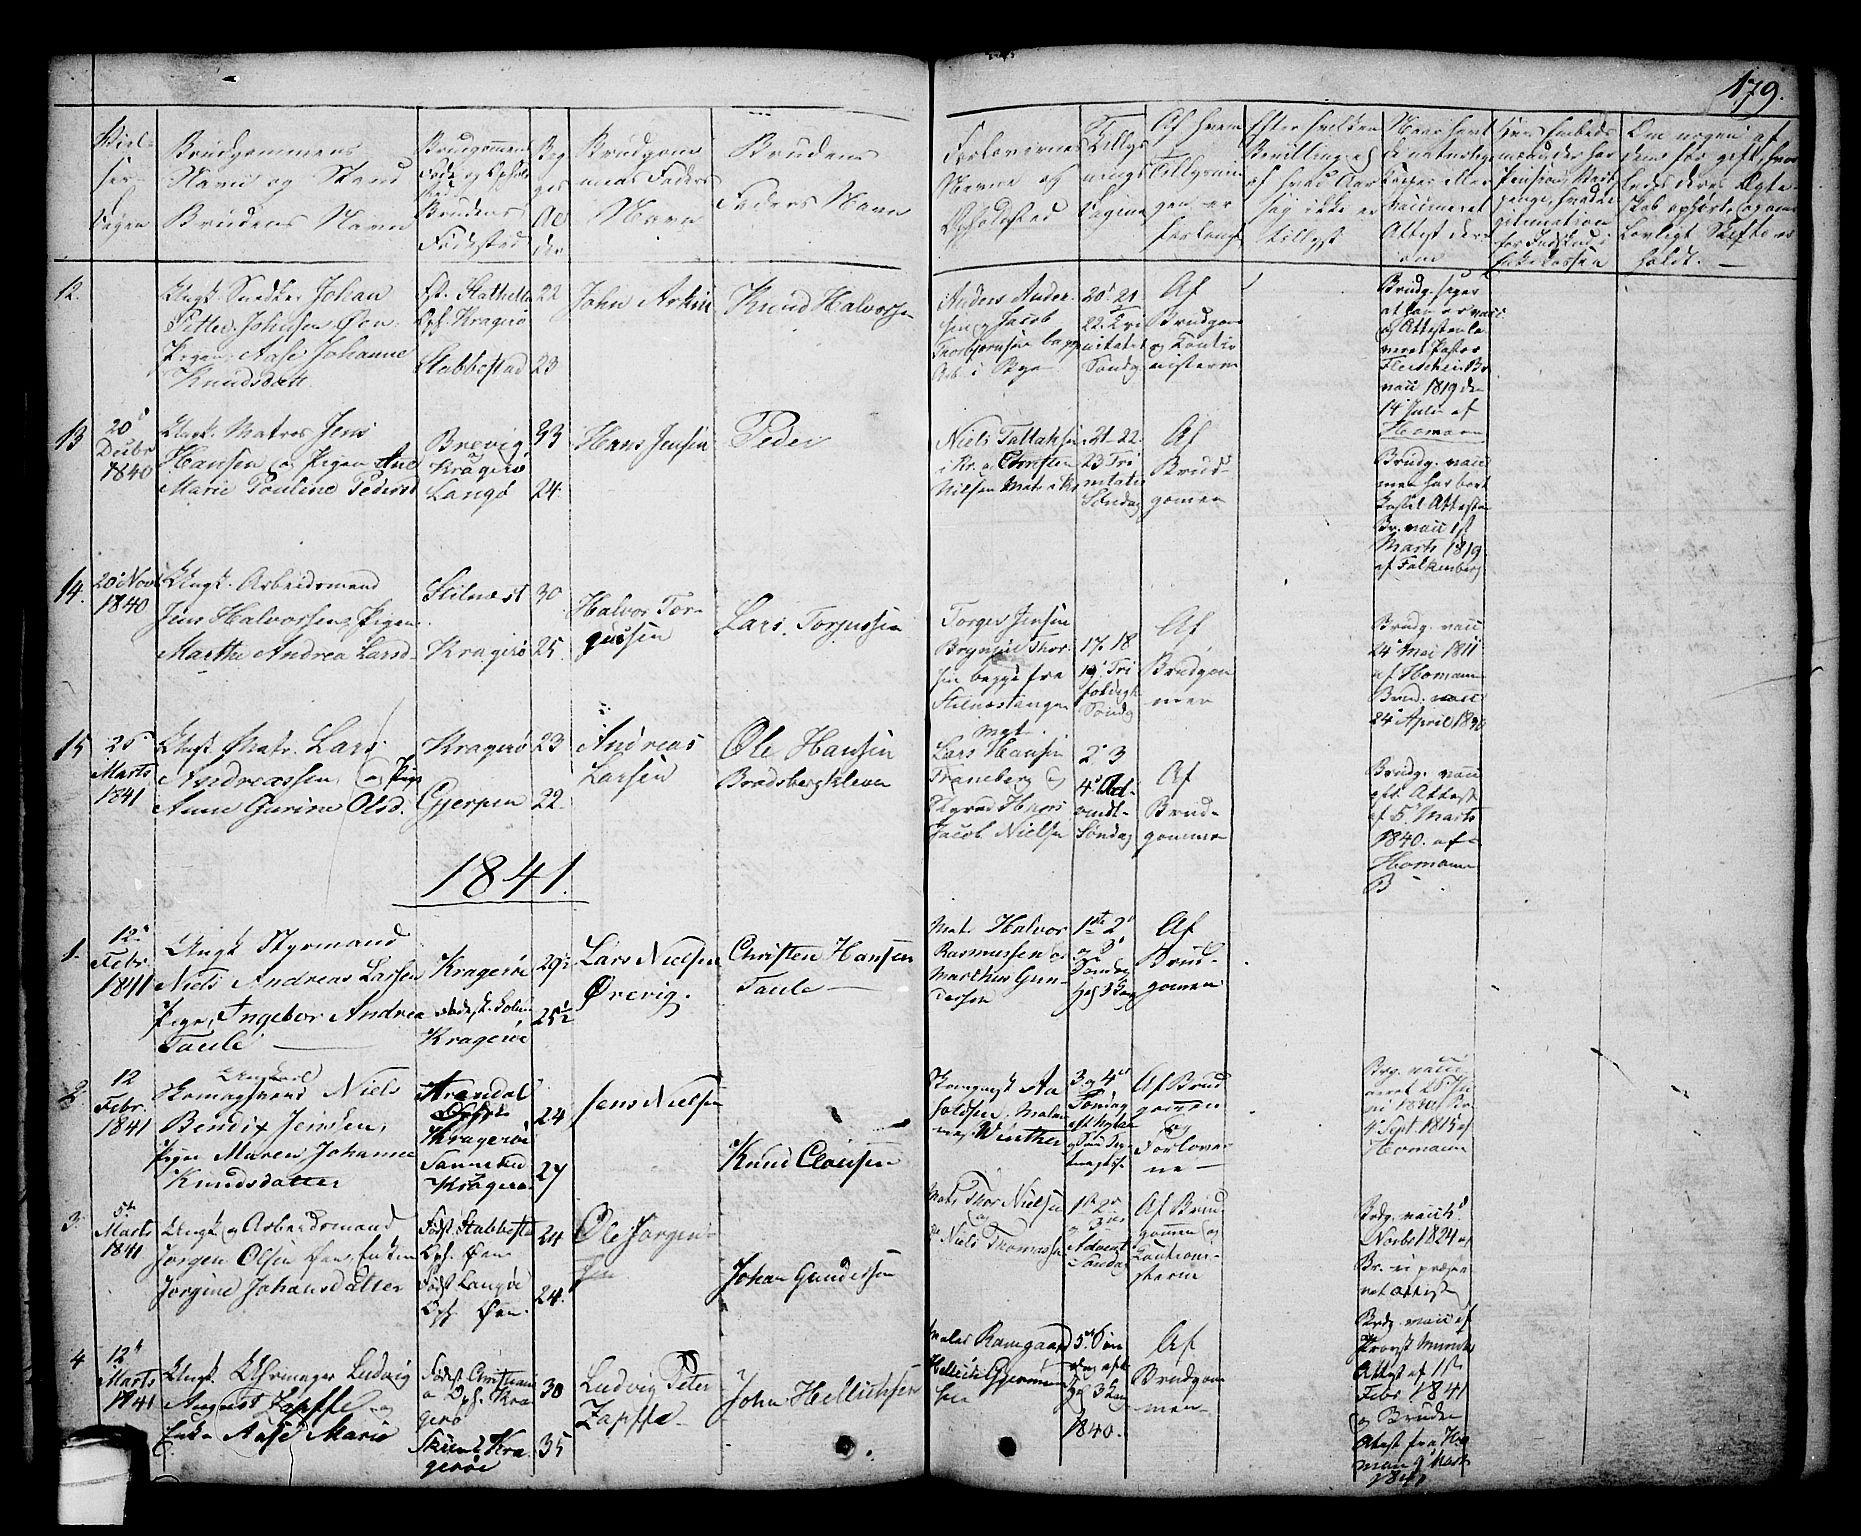 SAKO, Kragerø kirkebøker, G/Ga/L0003: Klokkerbok nr. 3, 1832-1852, s. 179